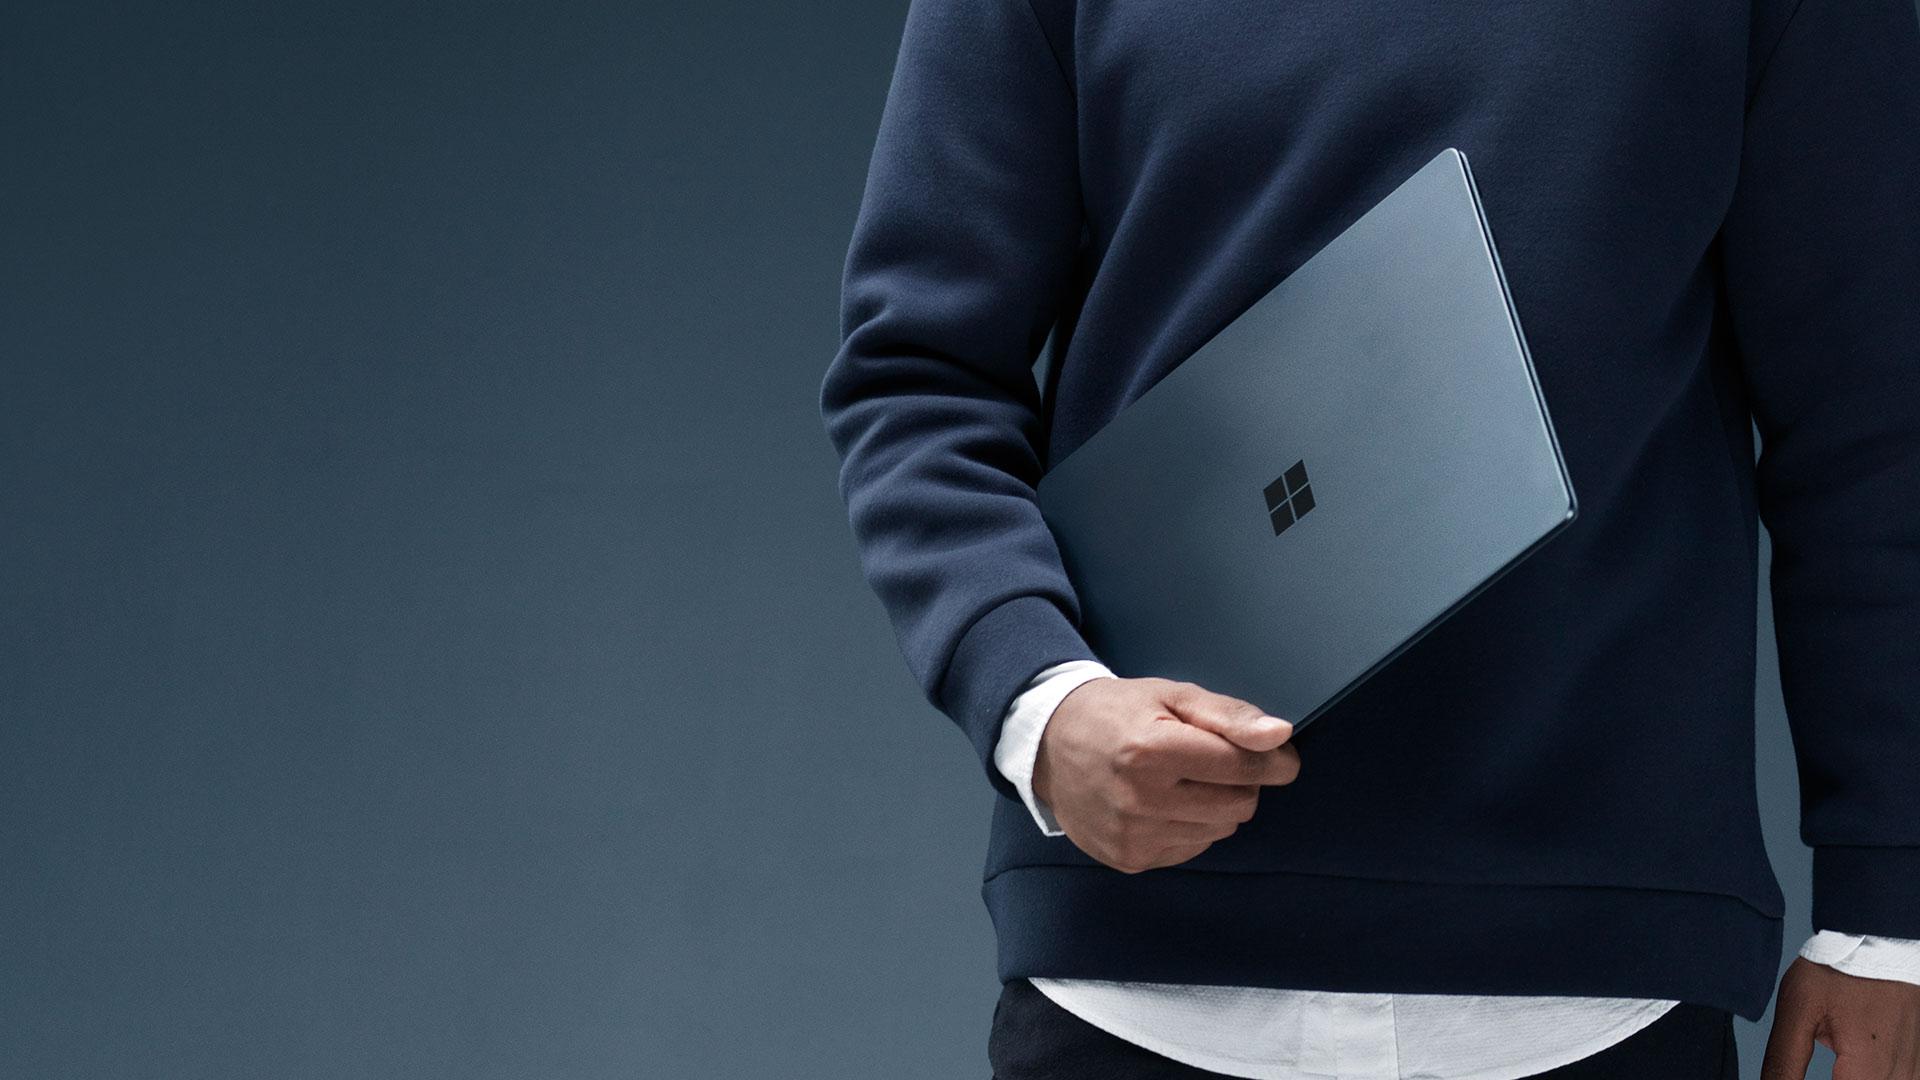 Mann som holder koboltblå Surface Laptop